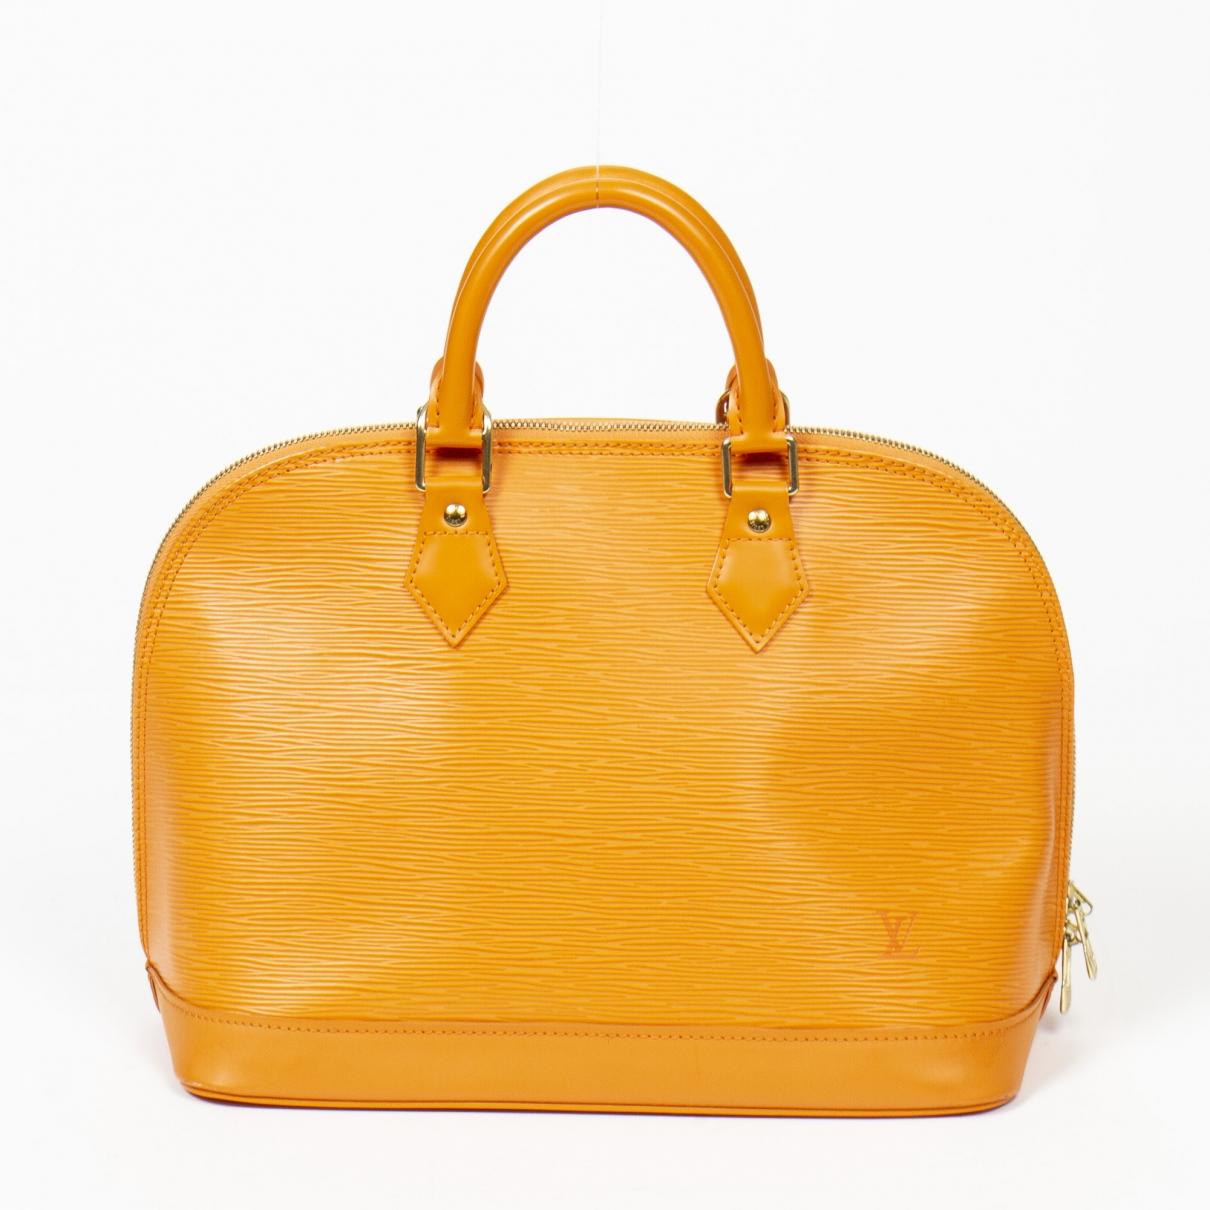 Louis Vuitton Alma Handtasche in  Gelb Leder